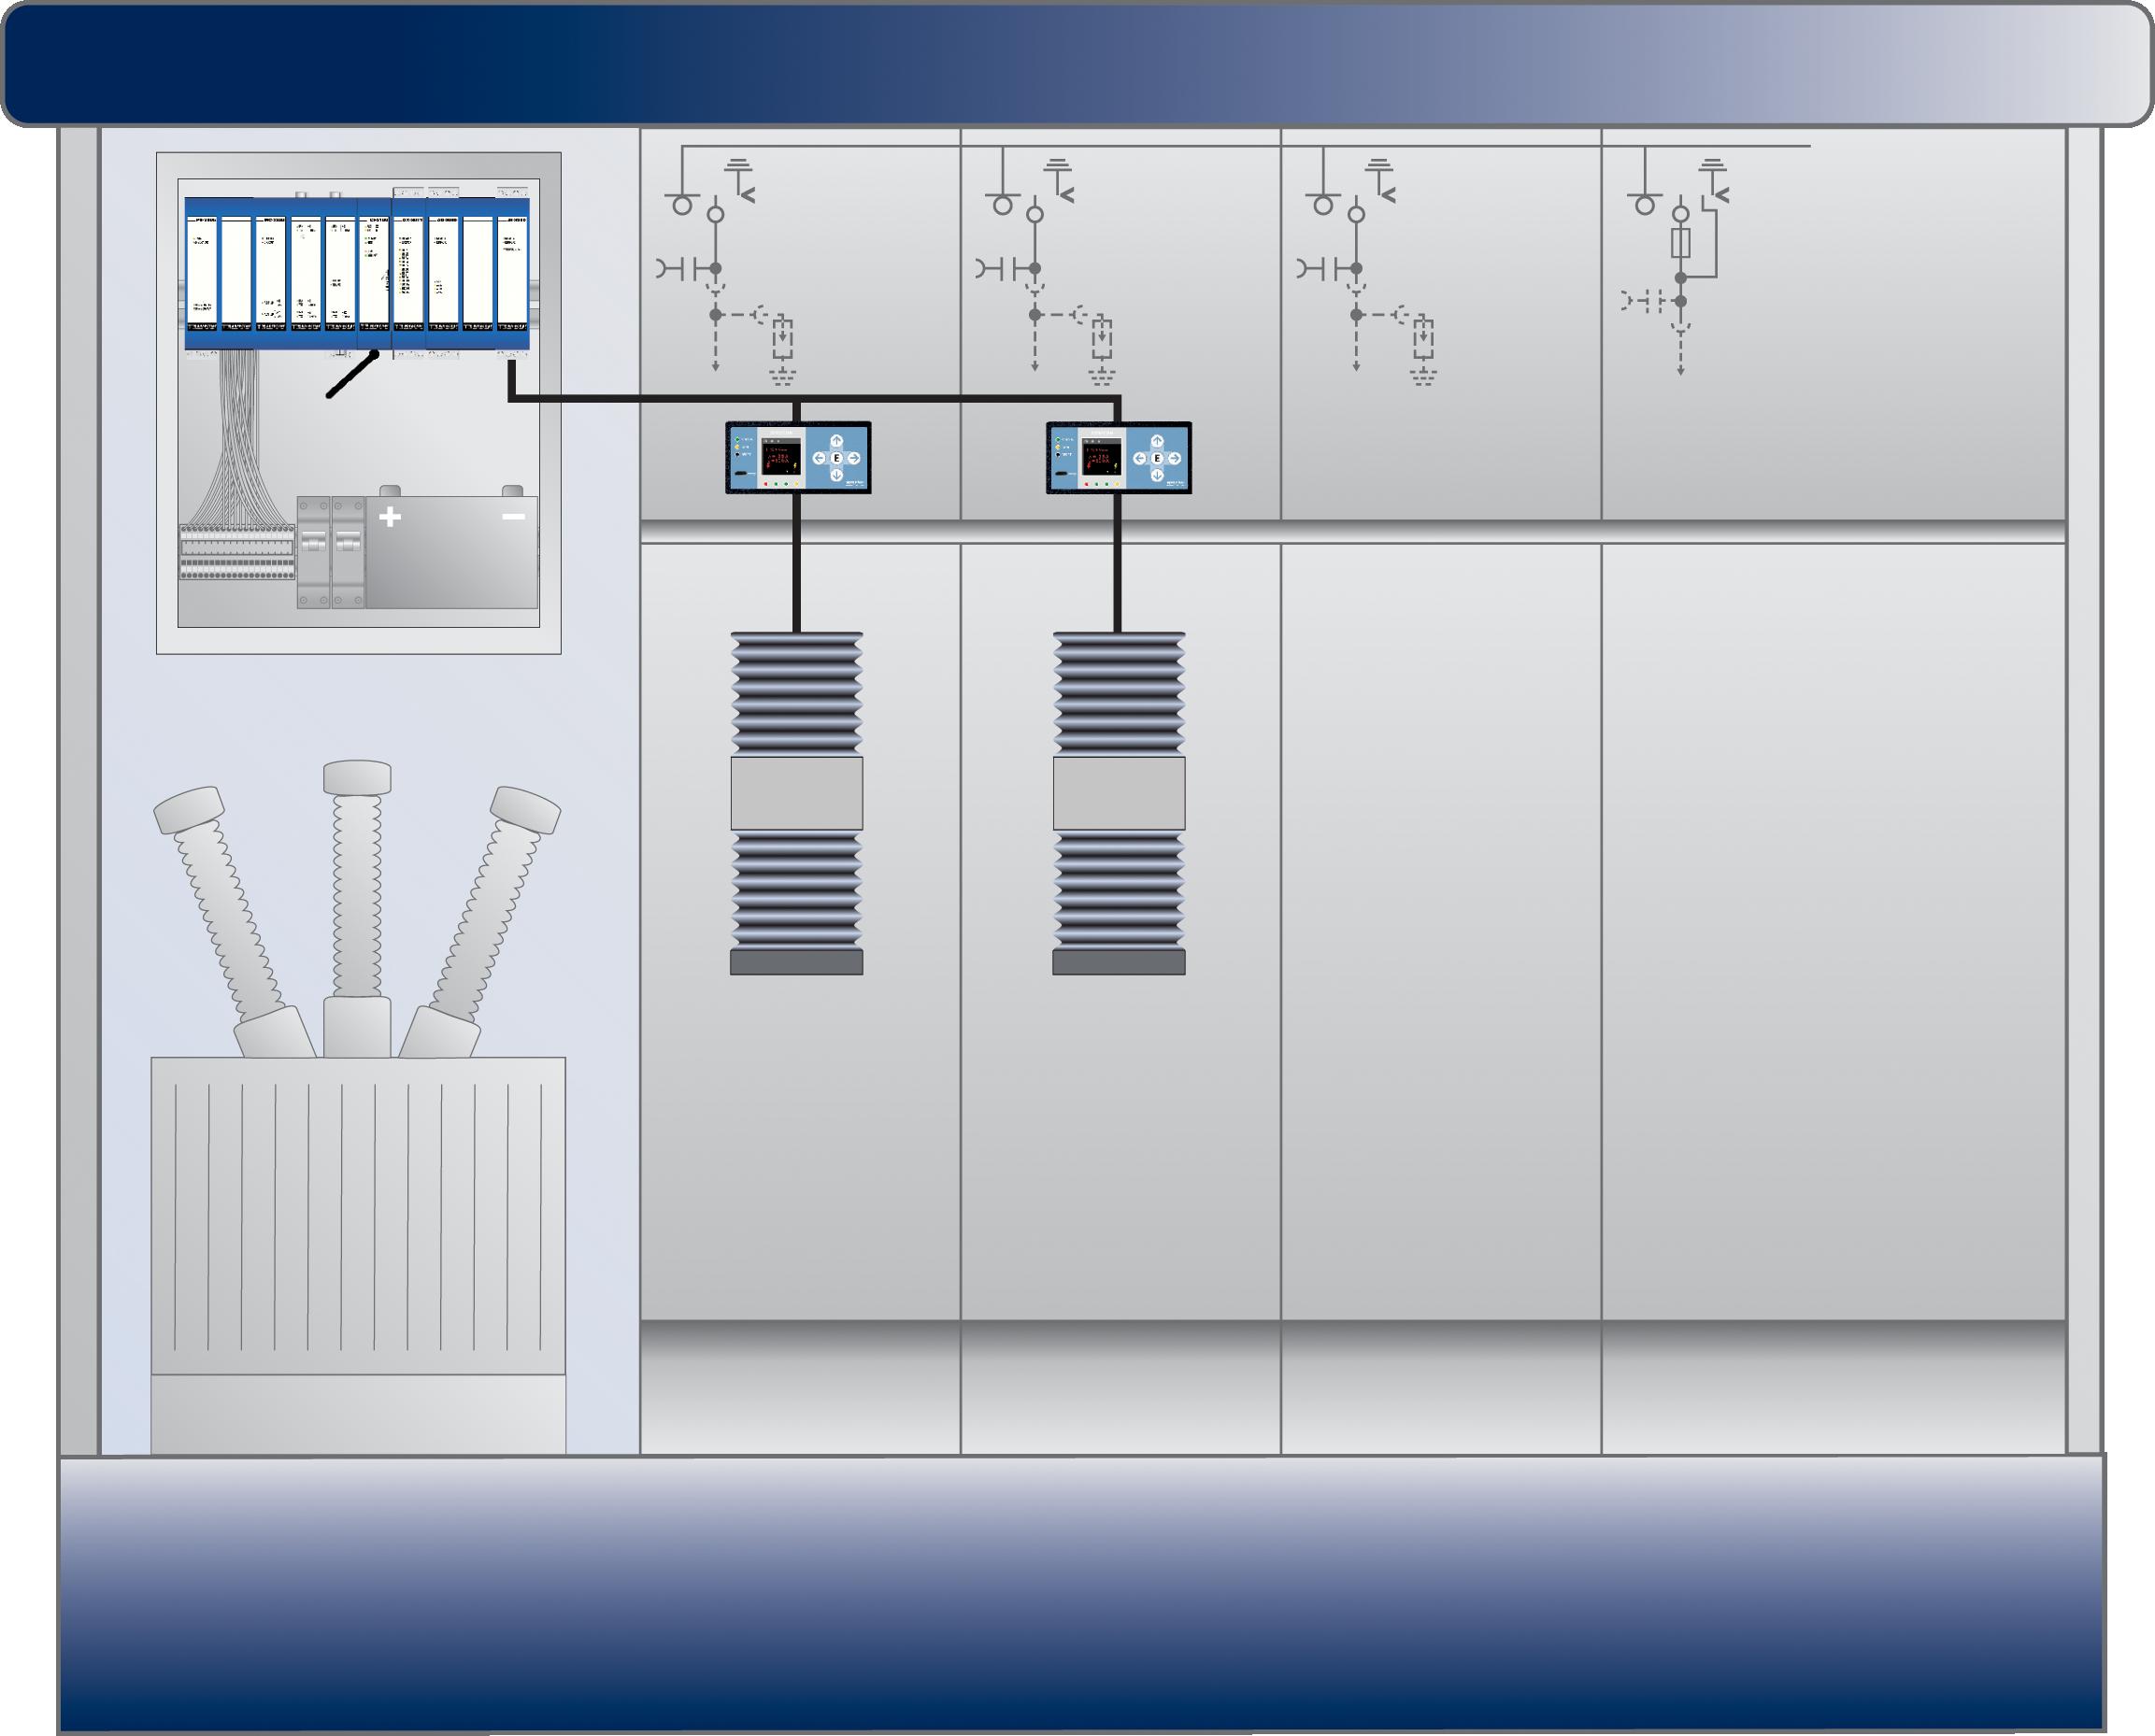 Rys. 2. Inteligentna stacja rozdzielcza z automatyką SPRECON-E-T3 i kierunkową sygnalizacją zwarć SPRECON-E-EDIR